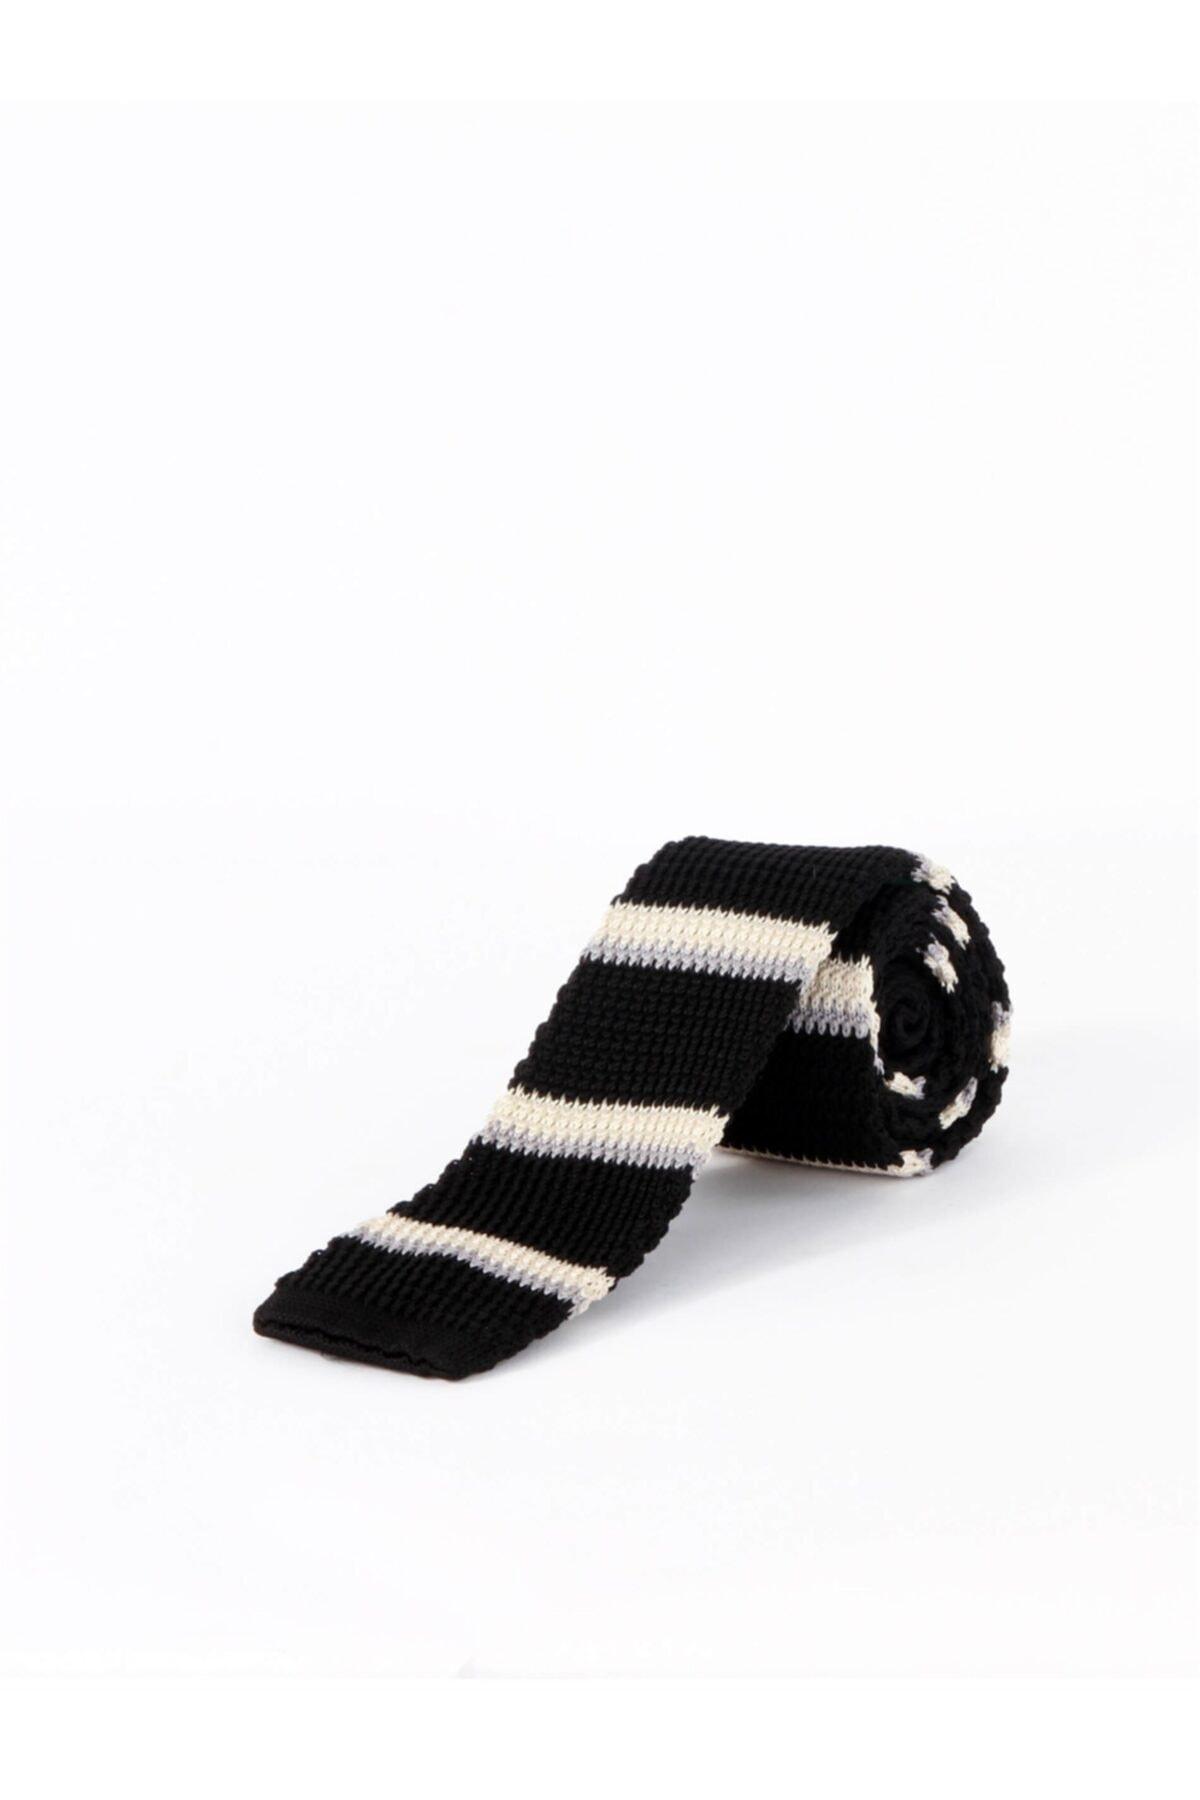 فروشگاه کراوات برند Dufy رنگ مشکی کد ty93977386